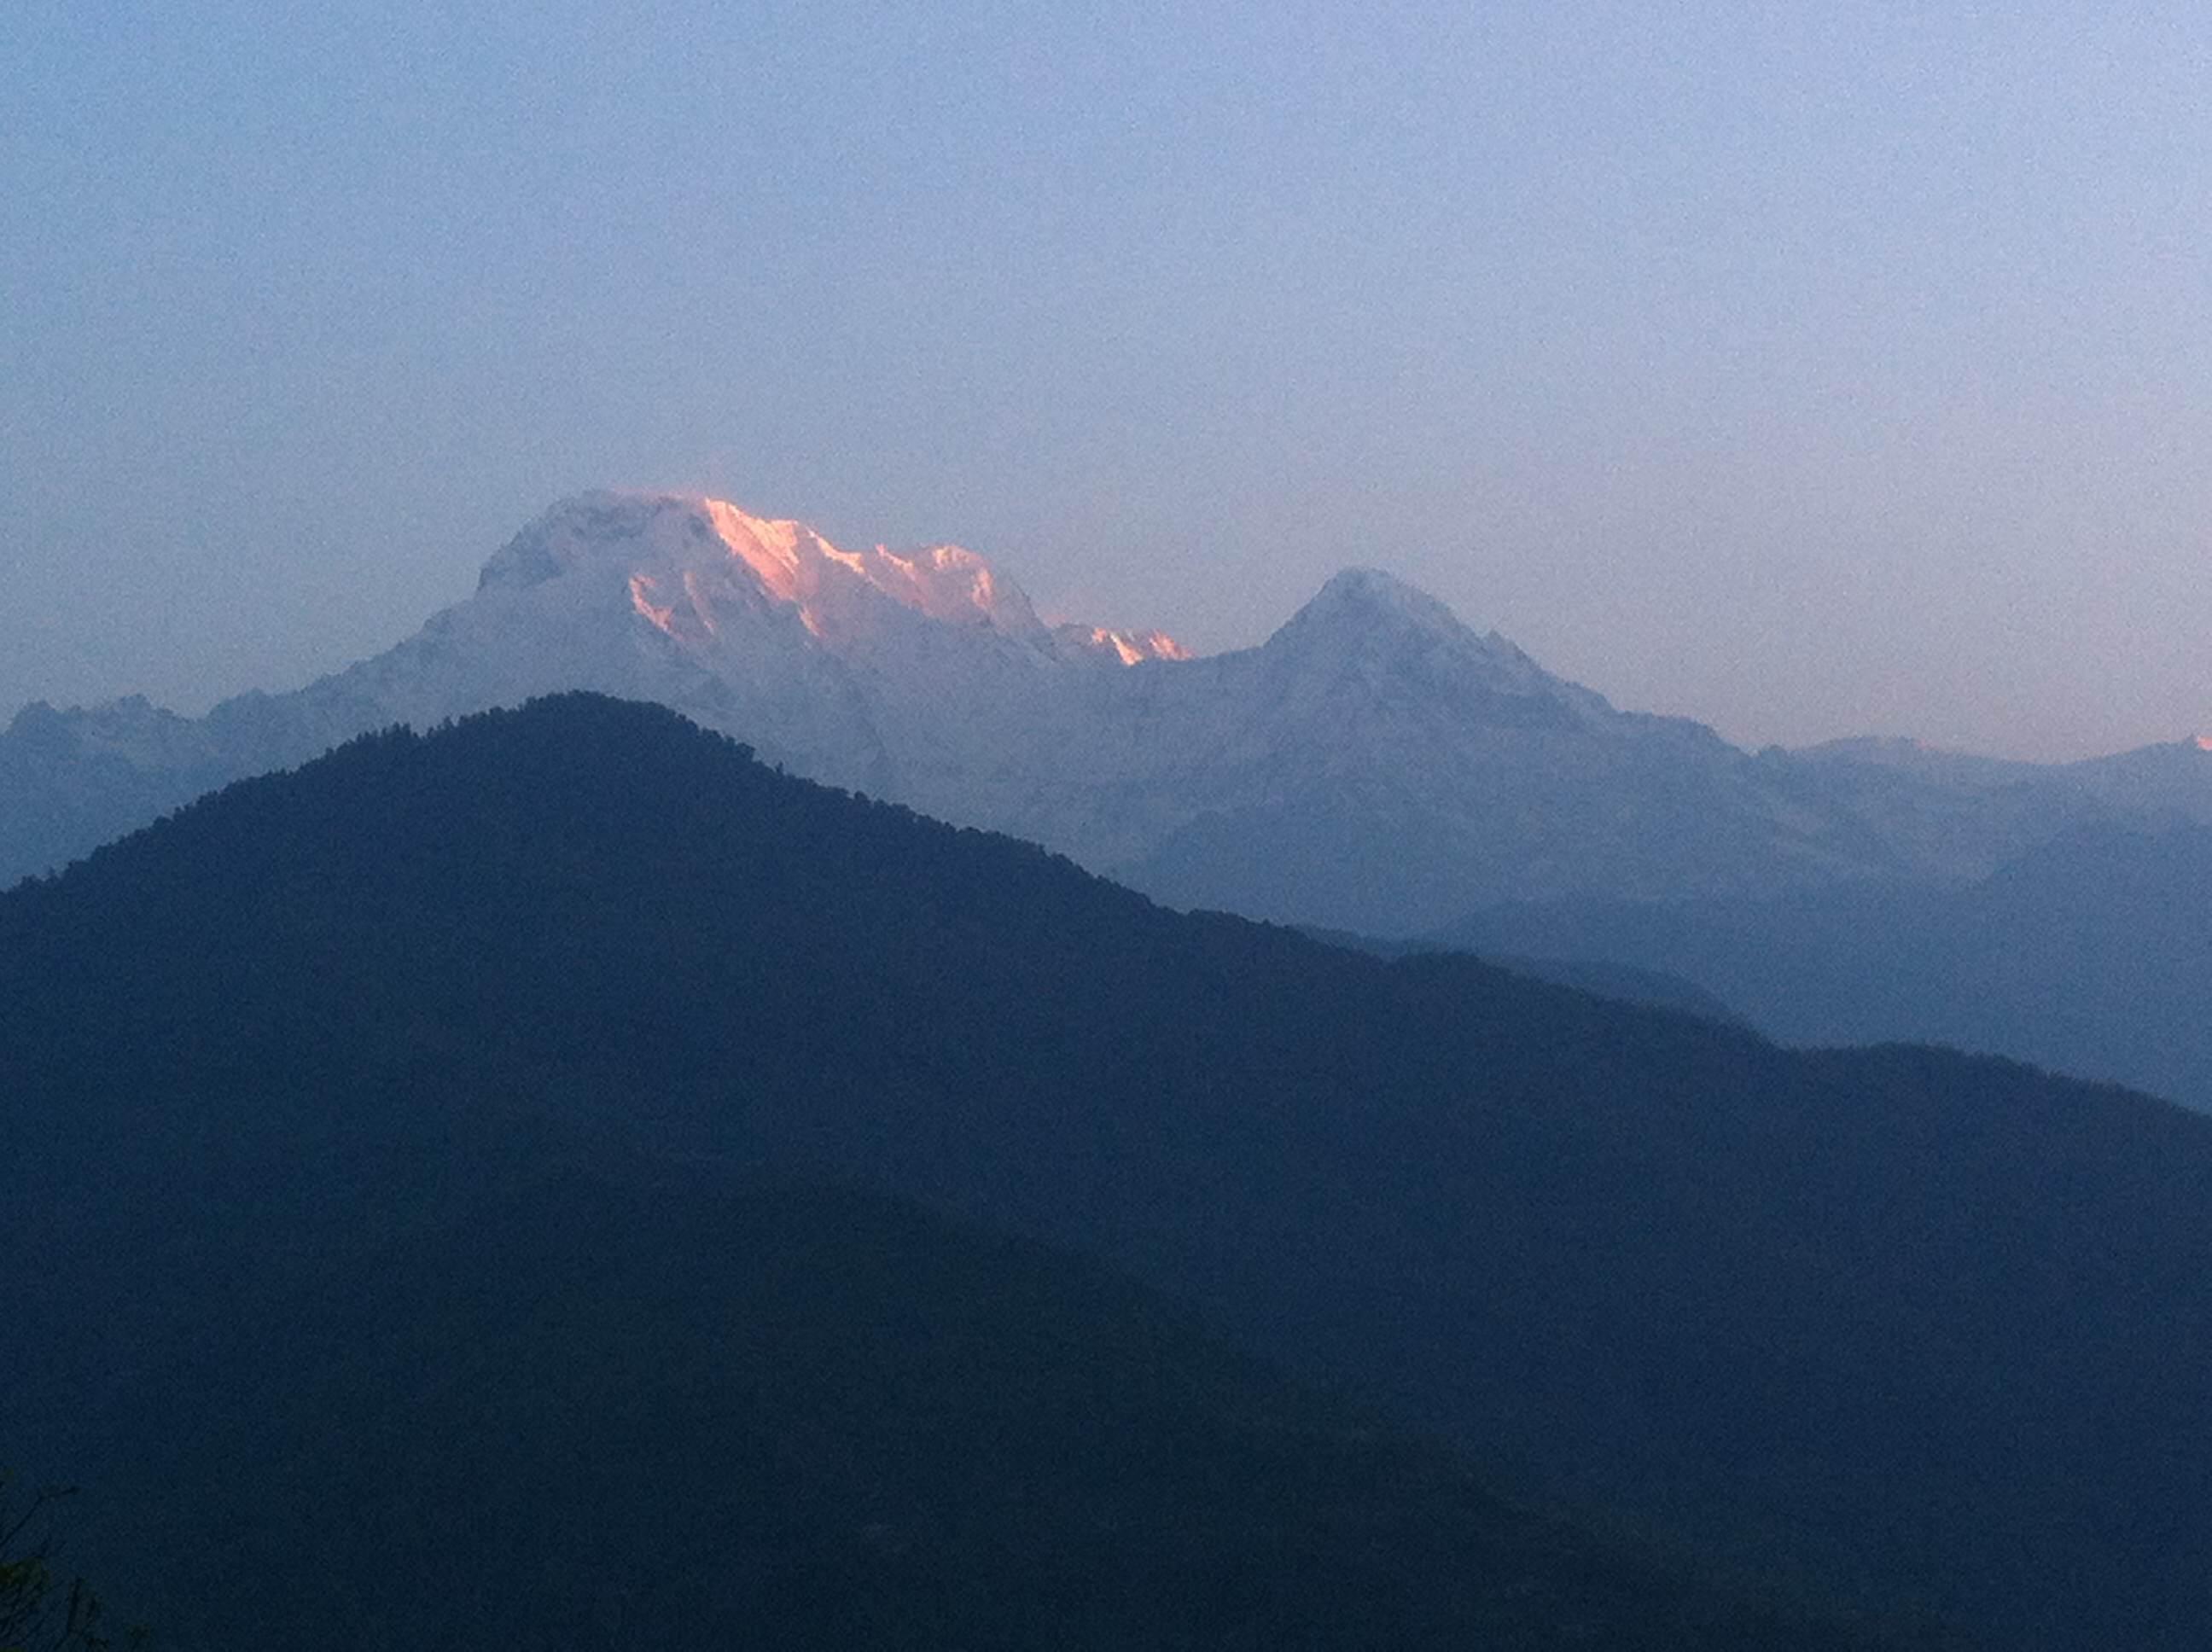 ダンプス トレッキング 小学校 ポカラ ネパール 世界一周 旅 ブログ バイク アンナプルナ ダンプス 朝日